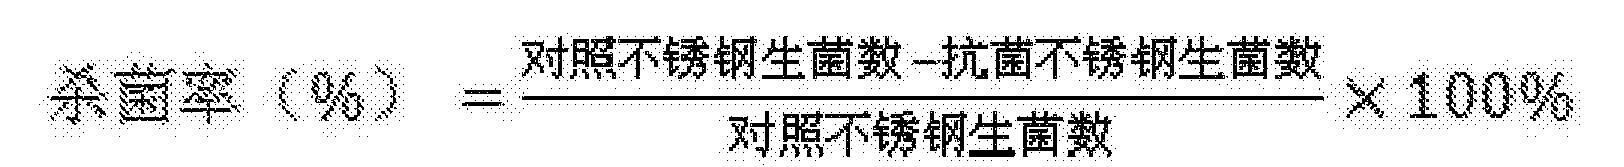 Figure CN103991250BD00071